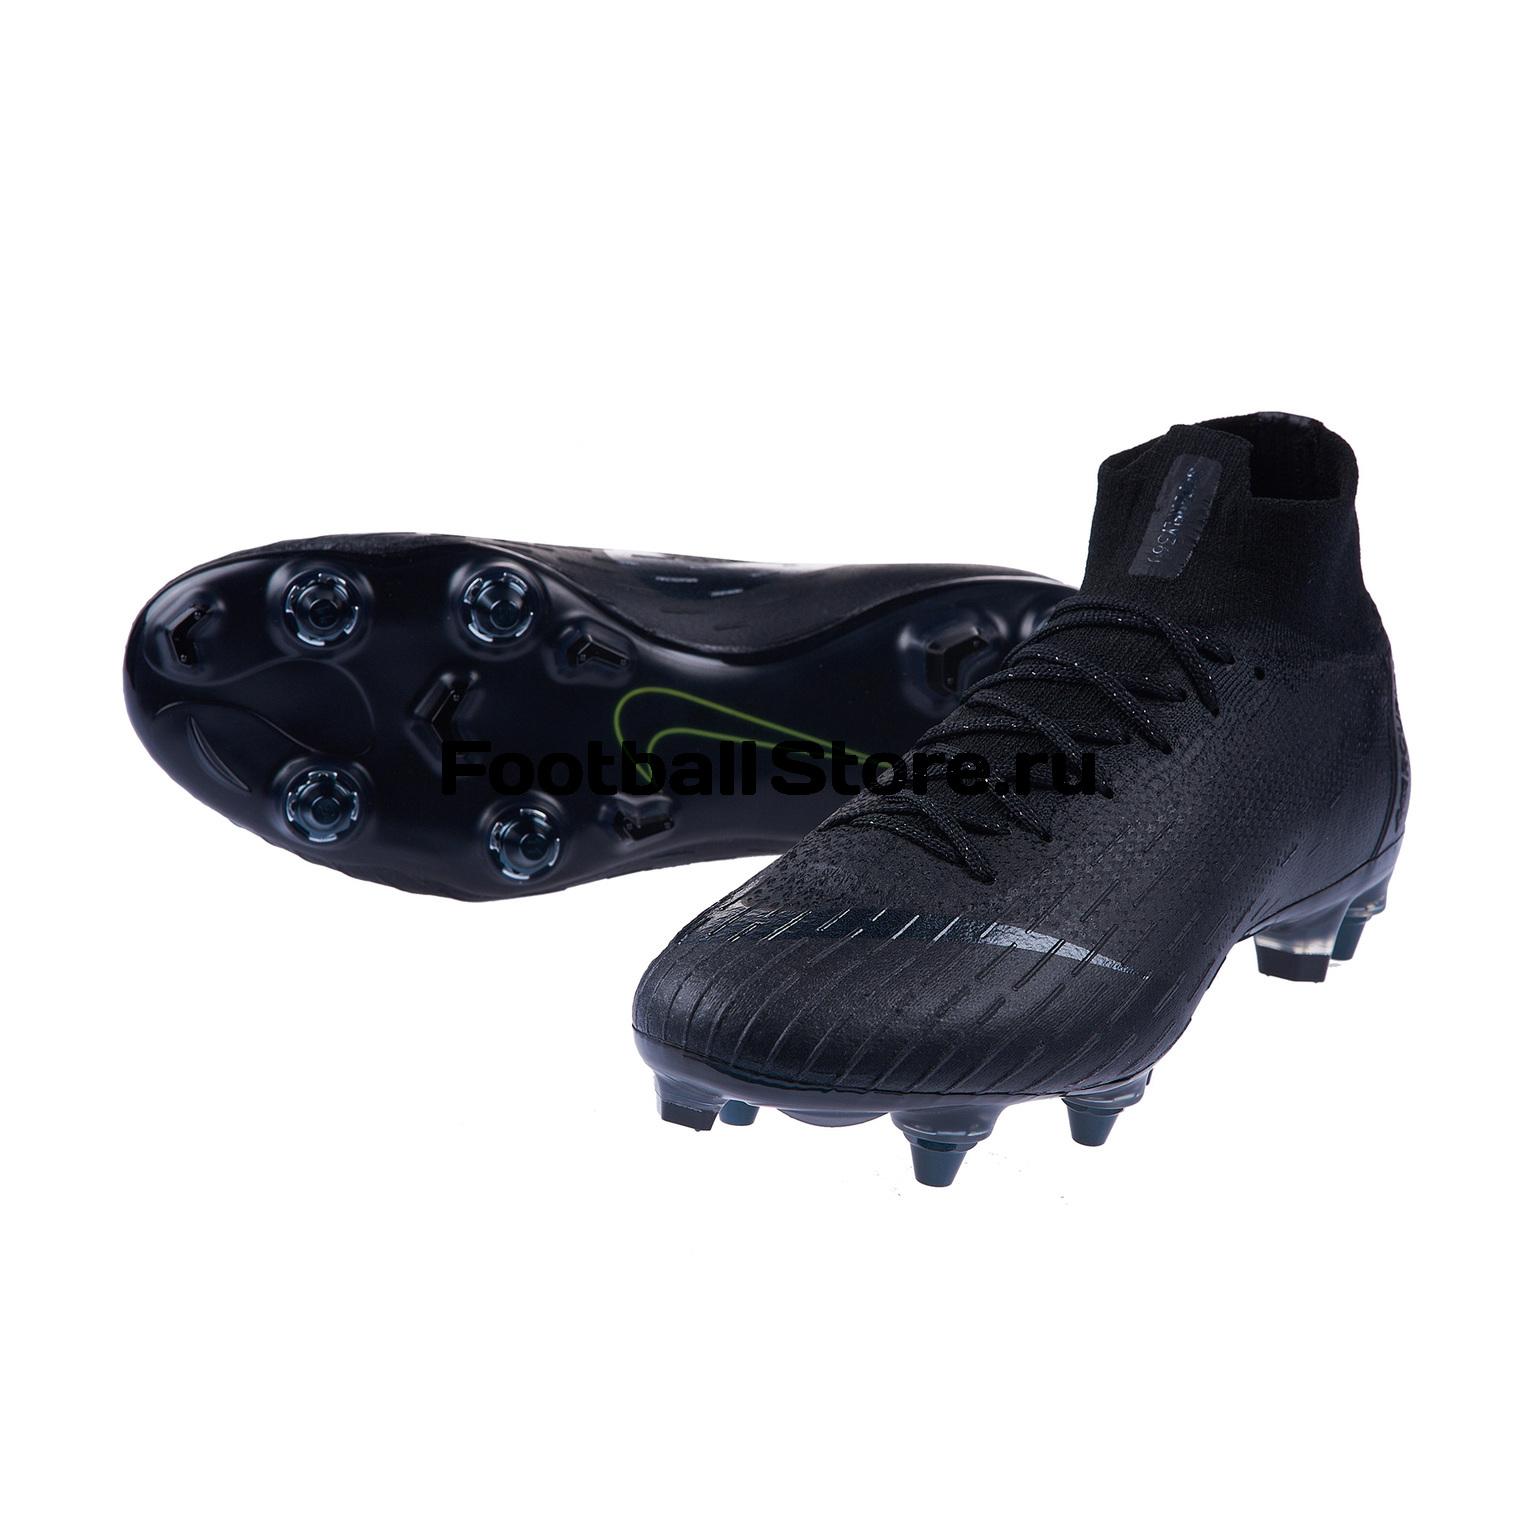 Бутсы Nike Superfly 6 Elite SG-Pro AC AH7366-001 цена